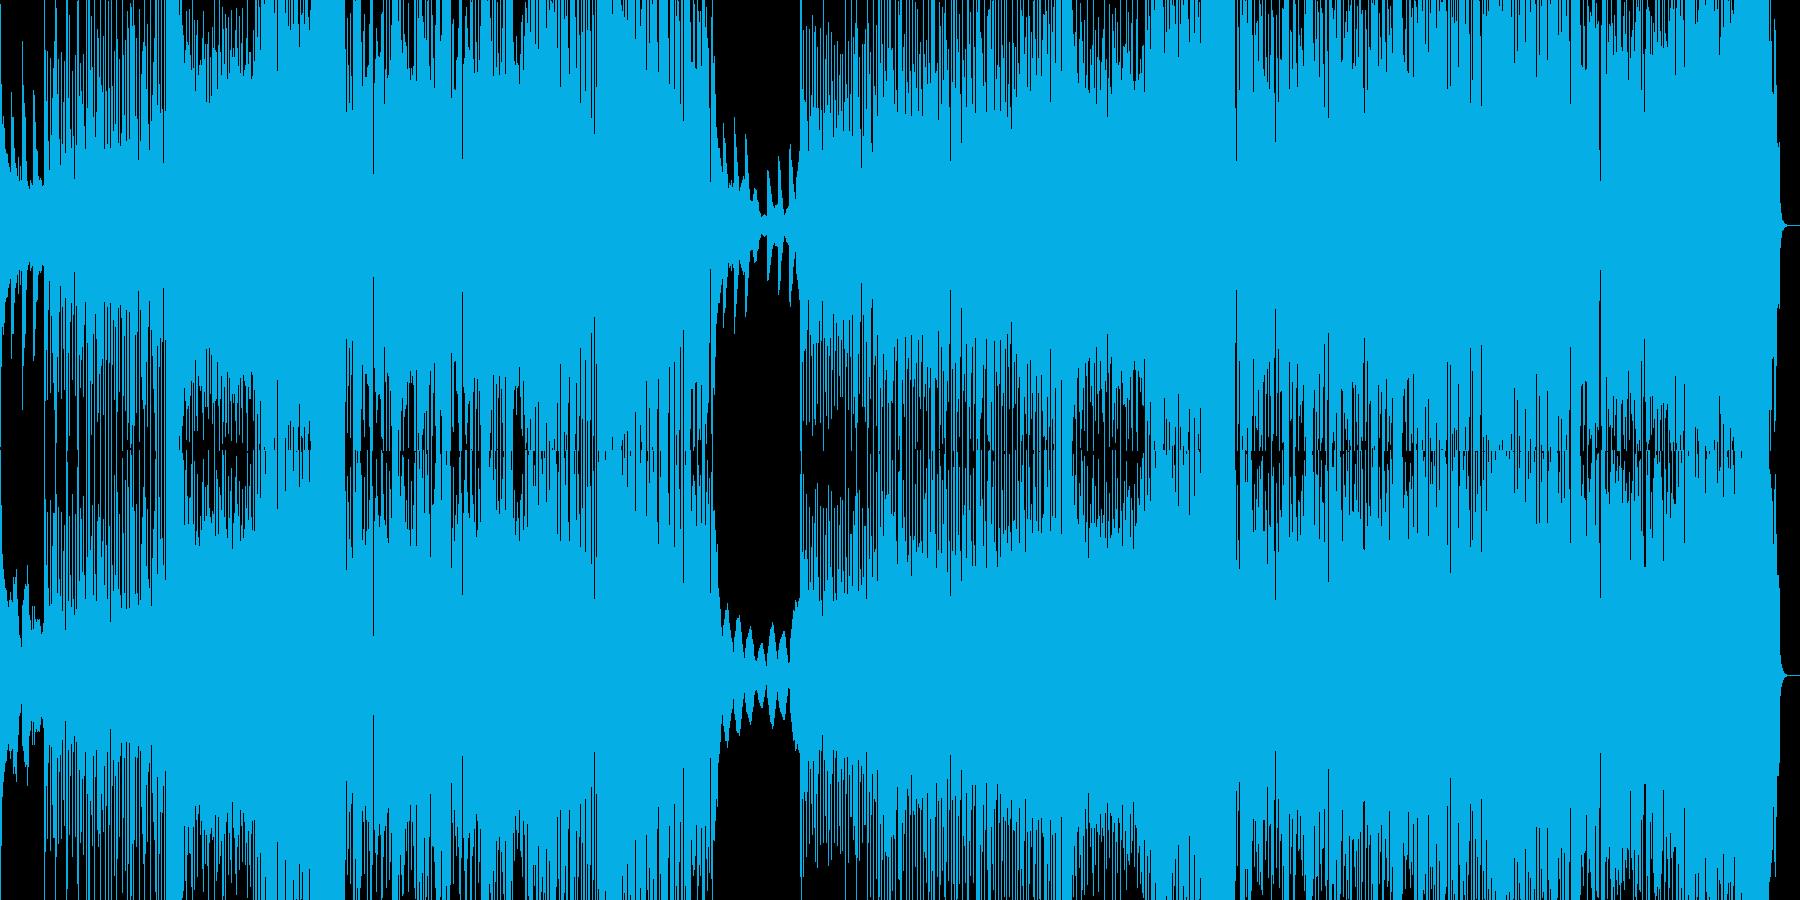 キラキラした感じのフューチャーベースの再生済みの波形